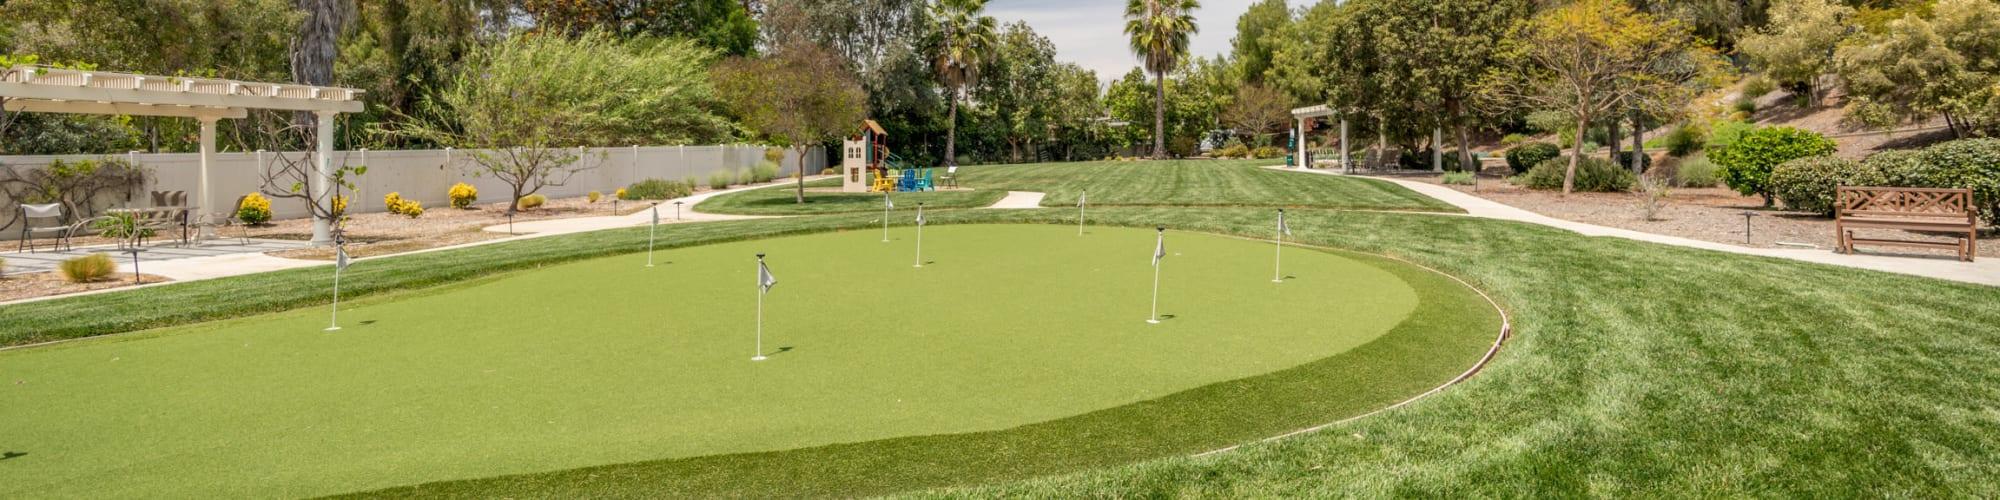 PHOTOS & VIDEOS of Vista Gardens in Vista, California